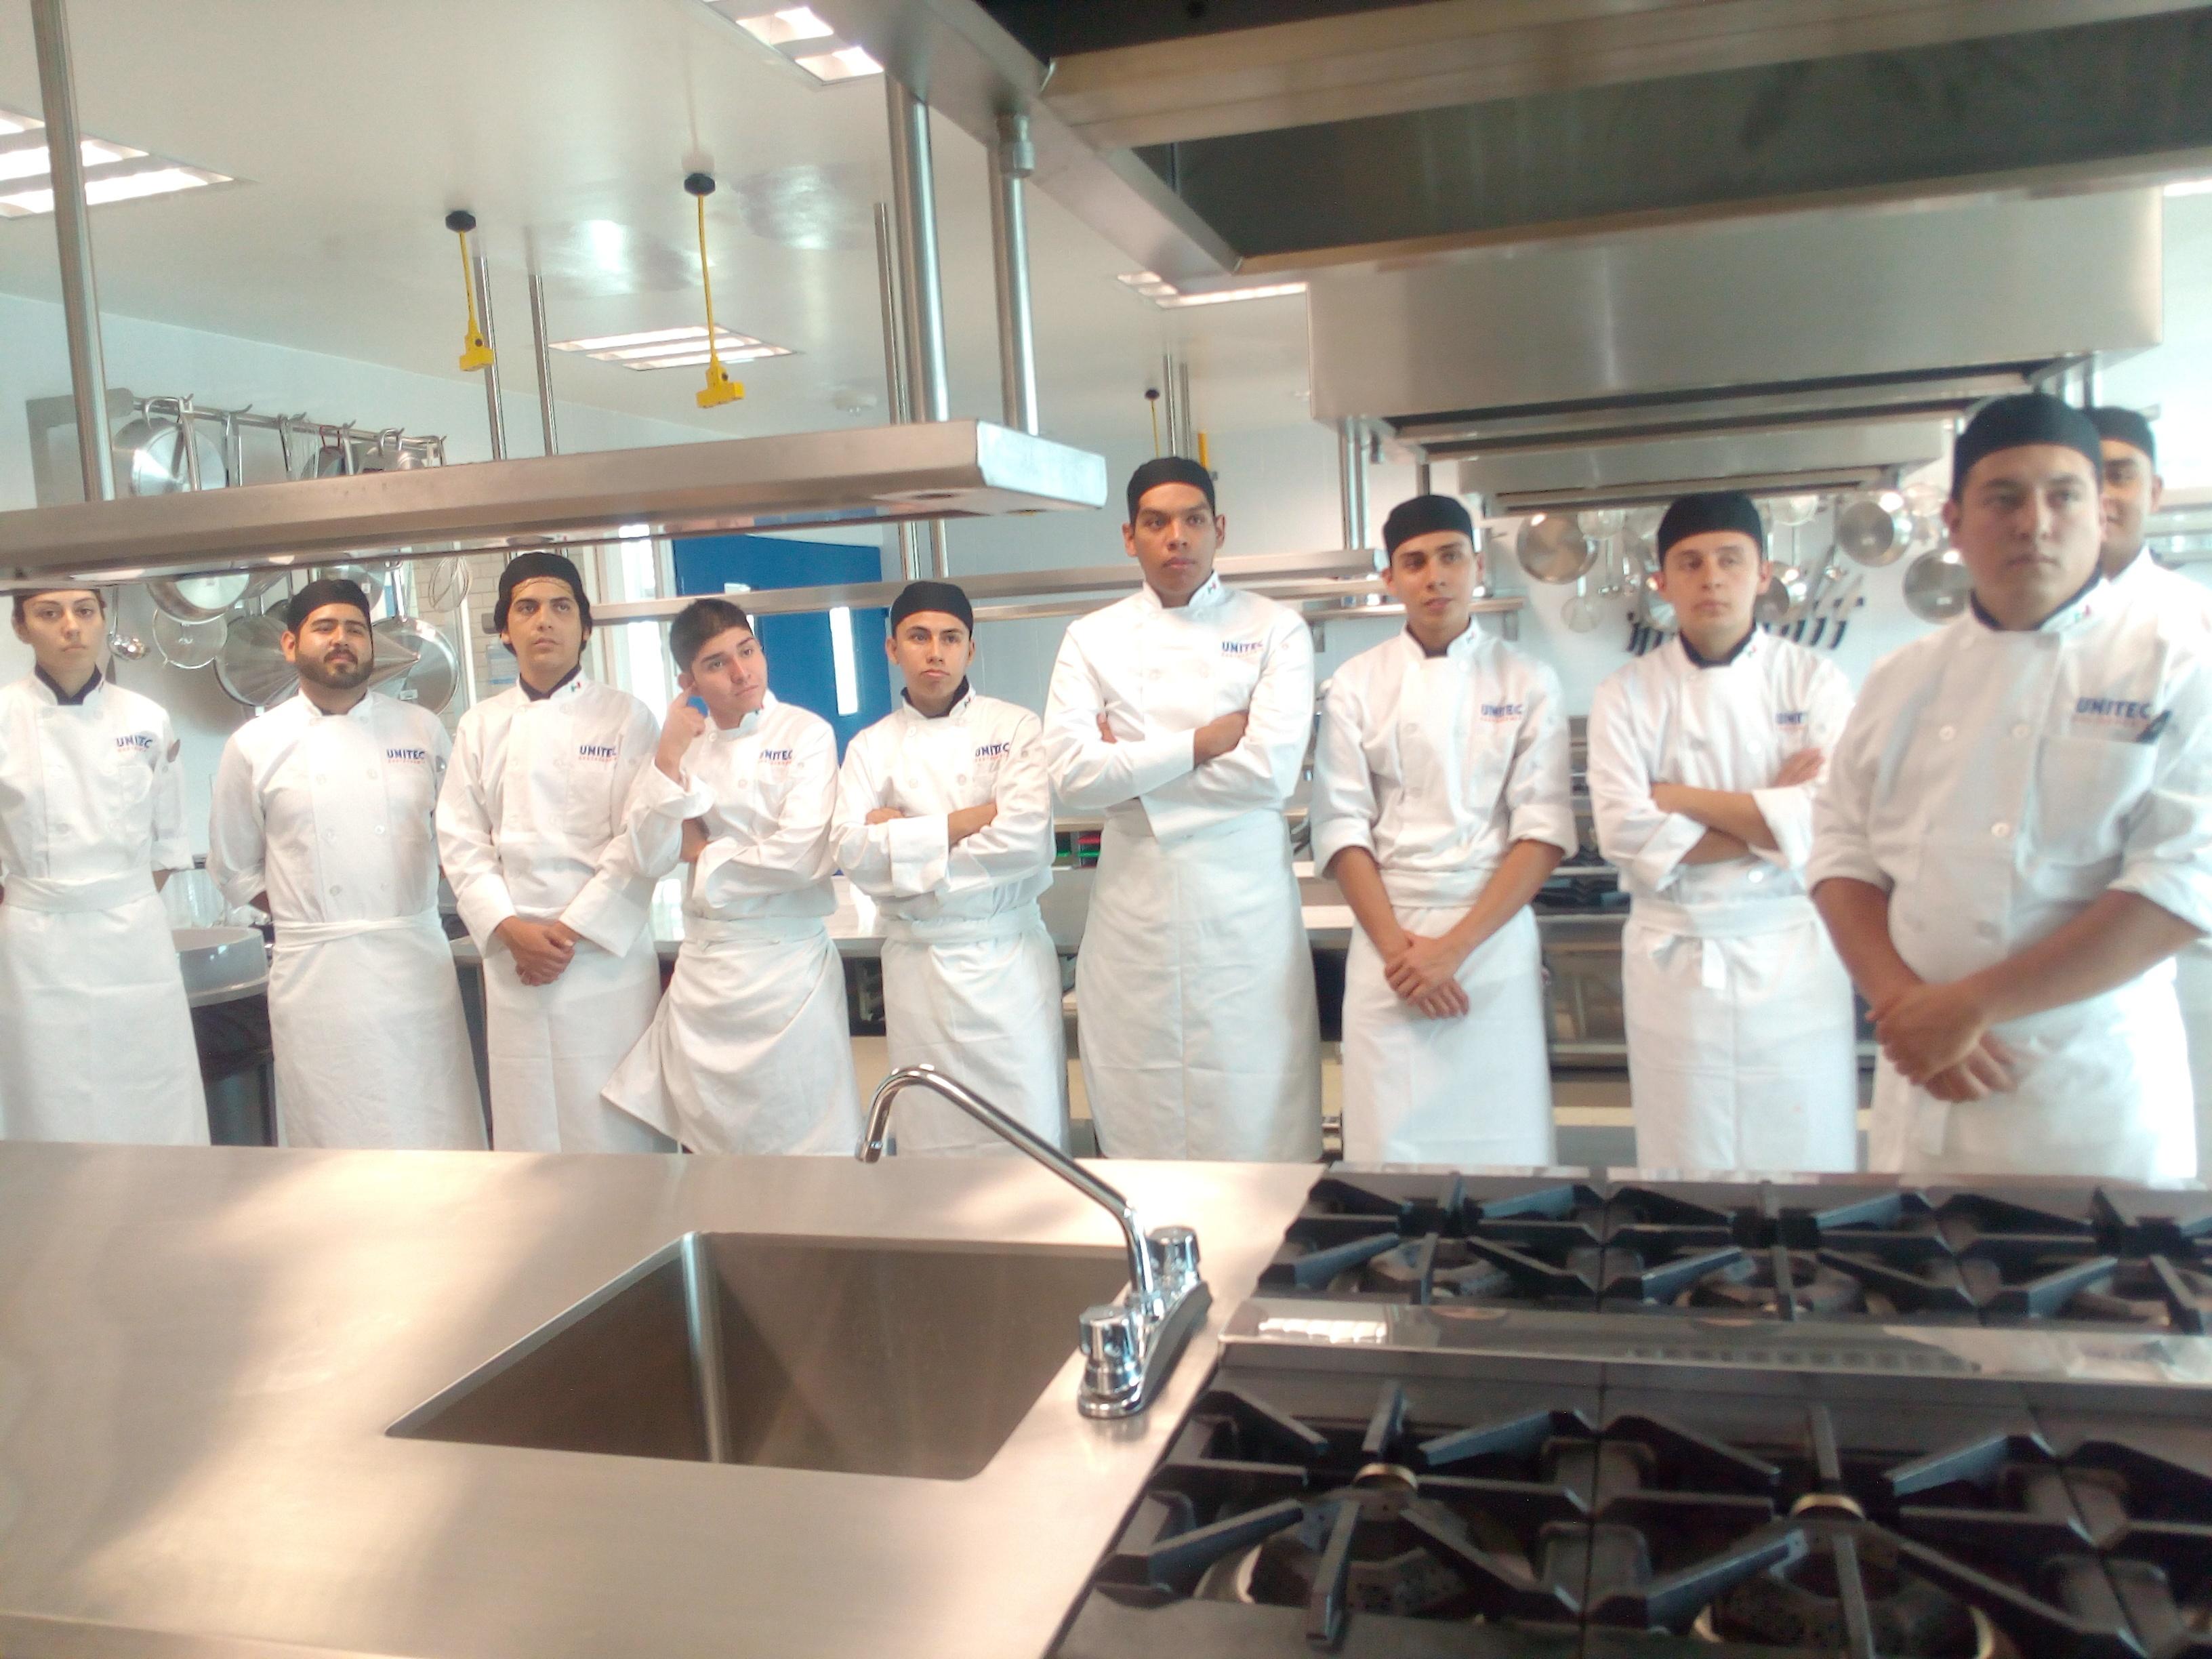 Primera generación de Gastronomía en la UNITEC Guadalajara arranca con pie derecho - Featured Image